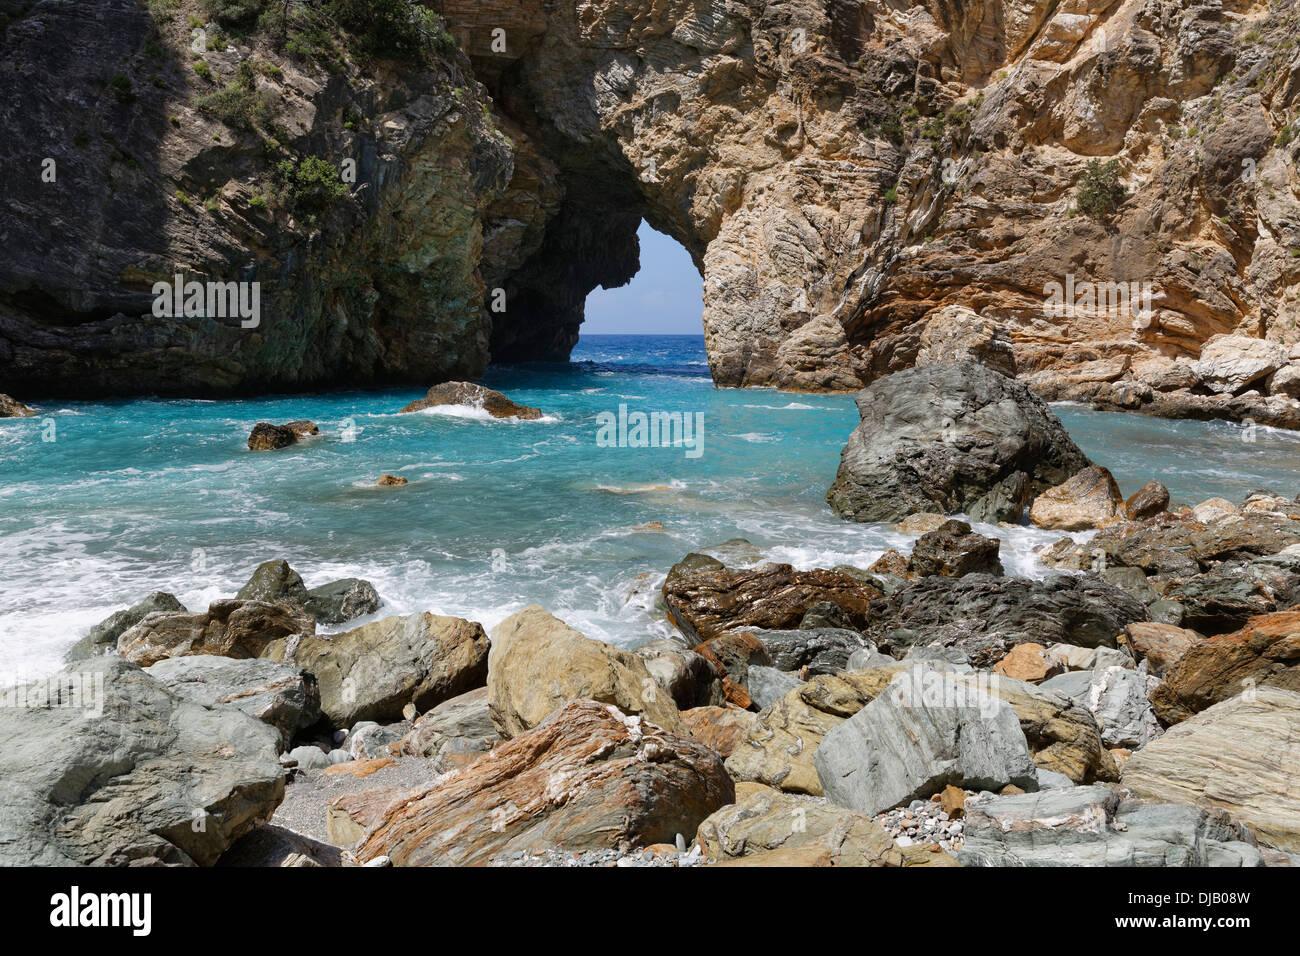 Arco Naturale, costa in Antiochia ad Cragum, Riviera Turca, Gazipasa, Provincia di Antalya, Turchia Immagini Stock